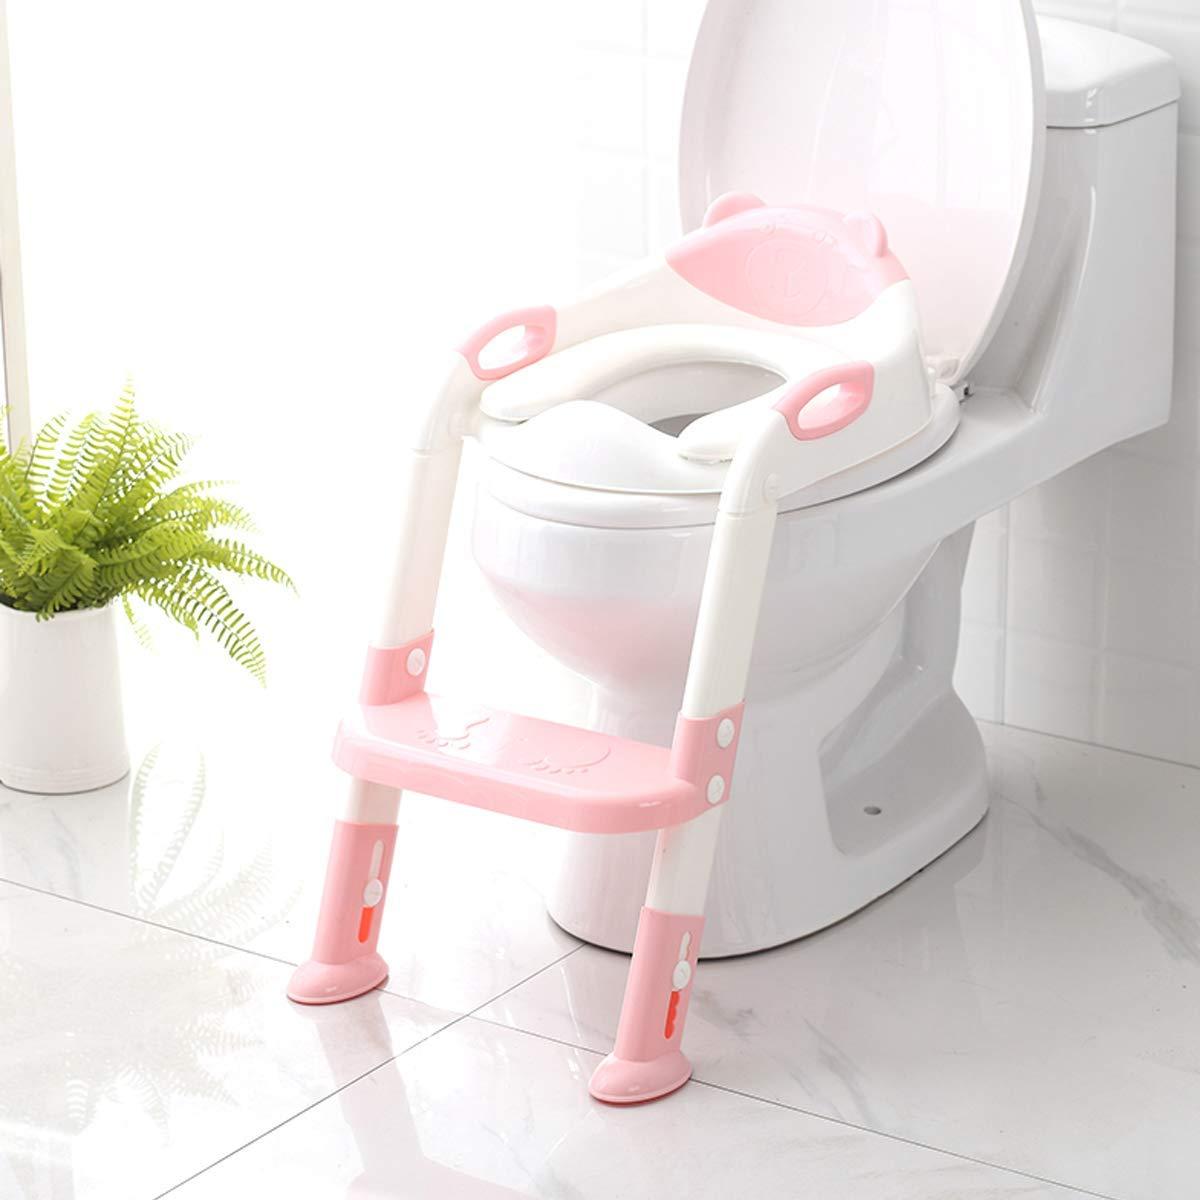 DZJ Asiento de Entrenamiento para IR al baño con Escalera de Taburete, cómodo Asiento para IR al baño Seguro con Almohadillas Antideslizantes Escalera/Inodoro de baño para niños Niños Niñas,Rosado: Amazon.es: Hogar